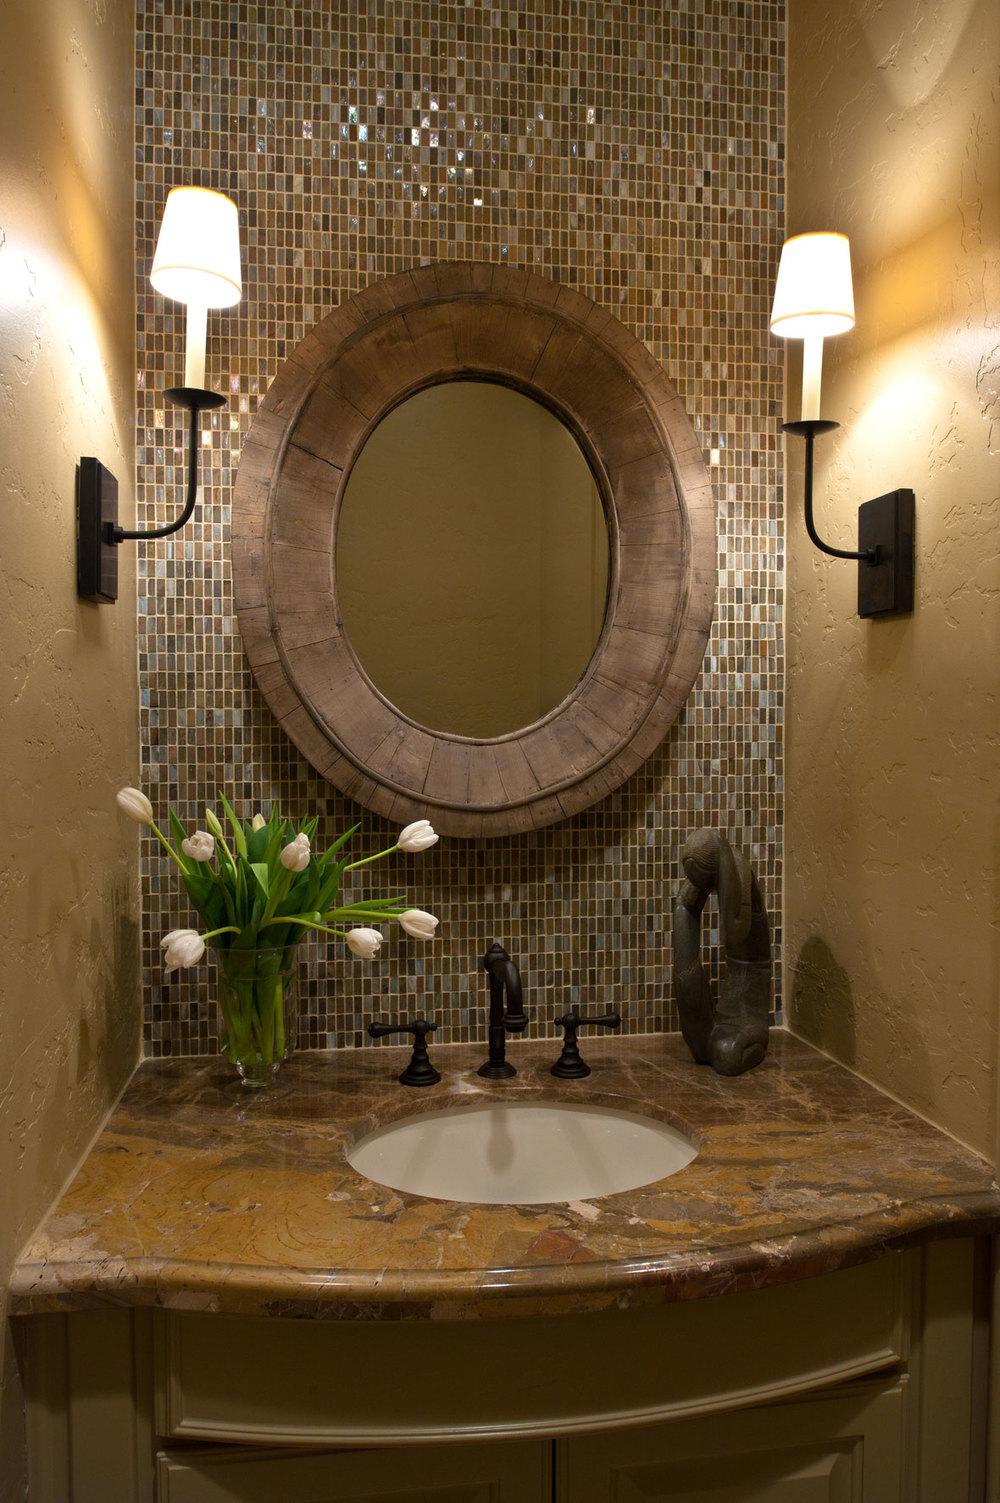 Sconces on the side walls create a unique look in this powder bathroom. Carla Aston, Designer #bathlight #vanitylight #wallsconce